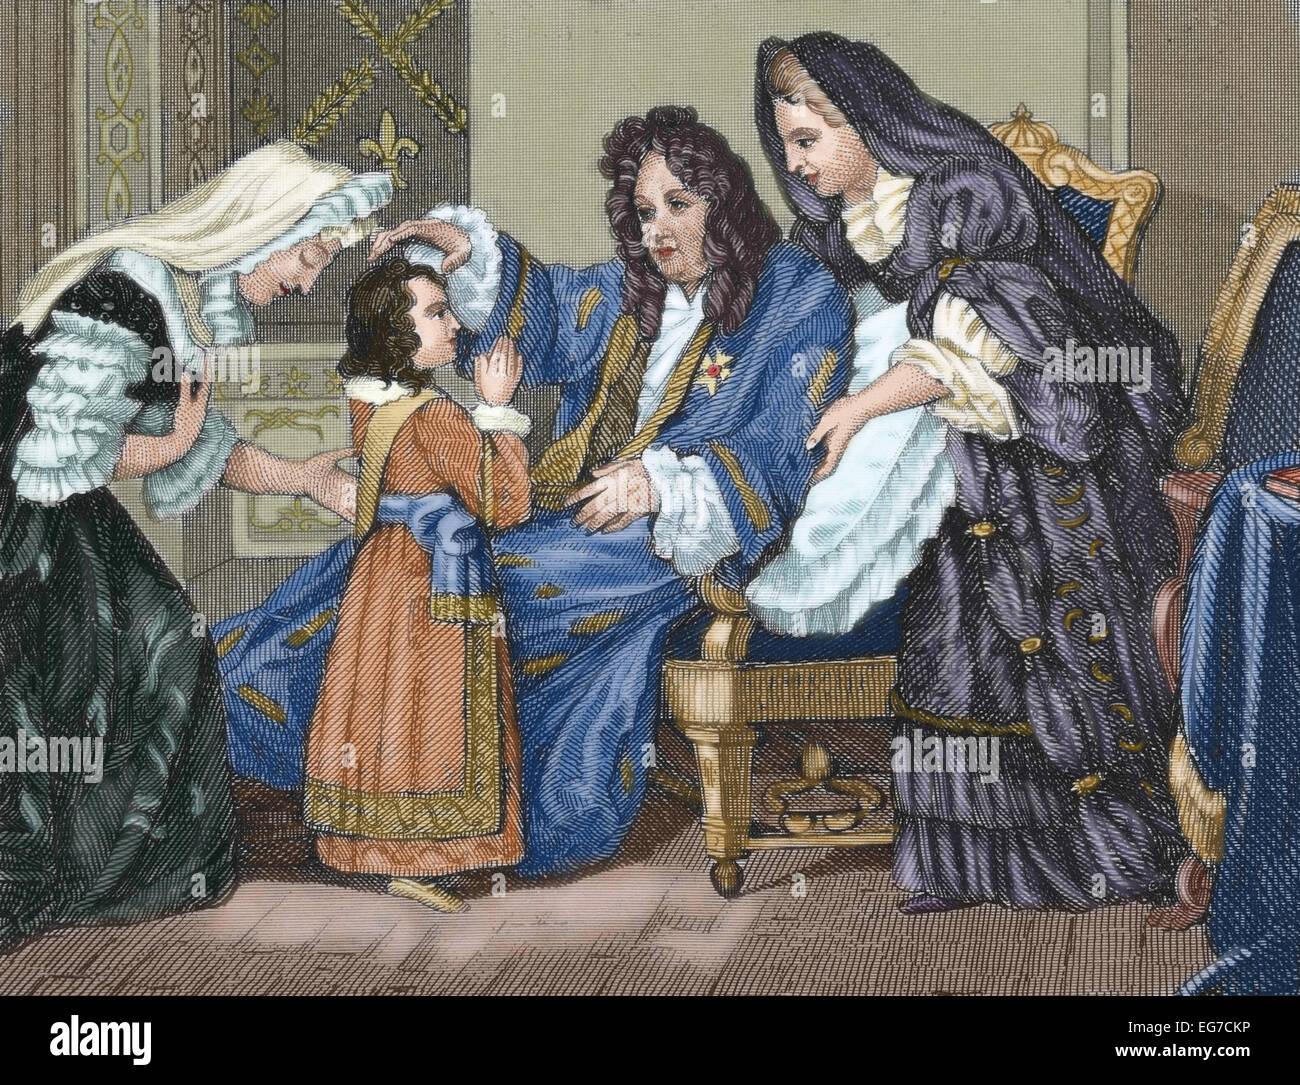 Louis XIV (1638-1715), rey de Francia, con su nieto. Grabado. Coloreada. Foto de stock